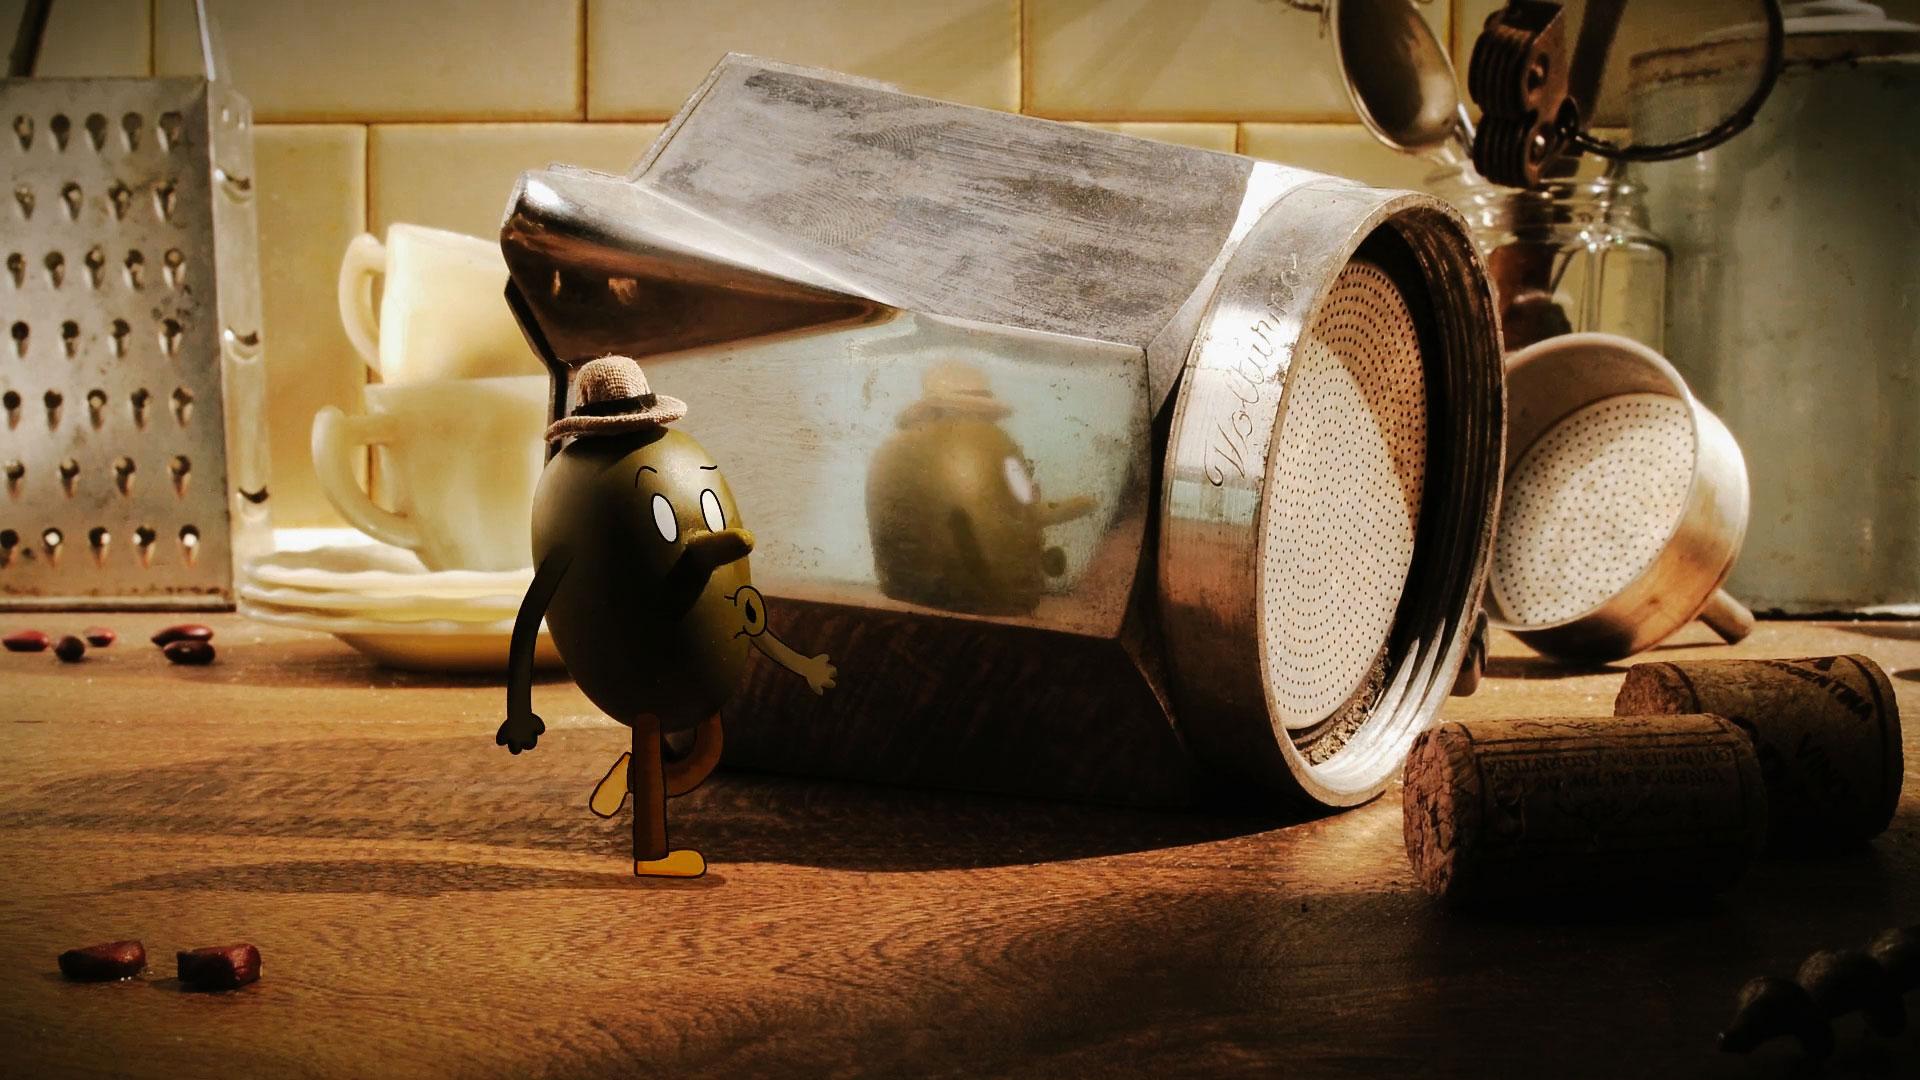 LINIERS ANIMADO / 2012 / Directed by Antonio Balseiro